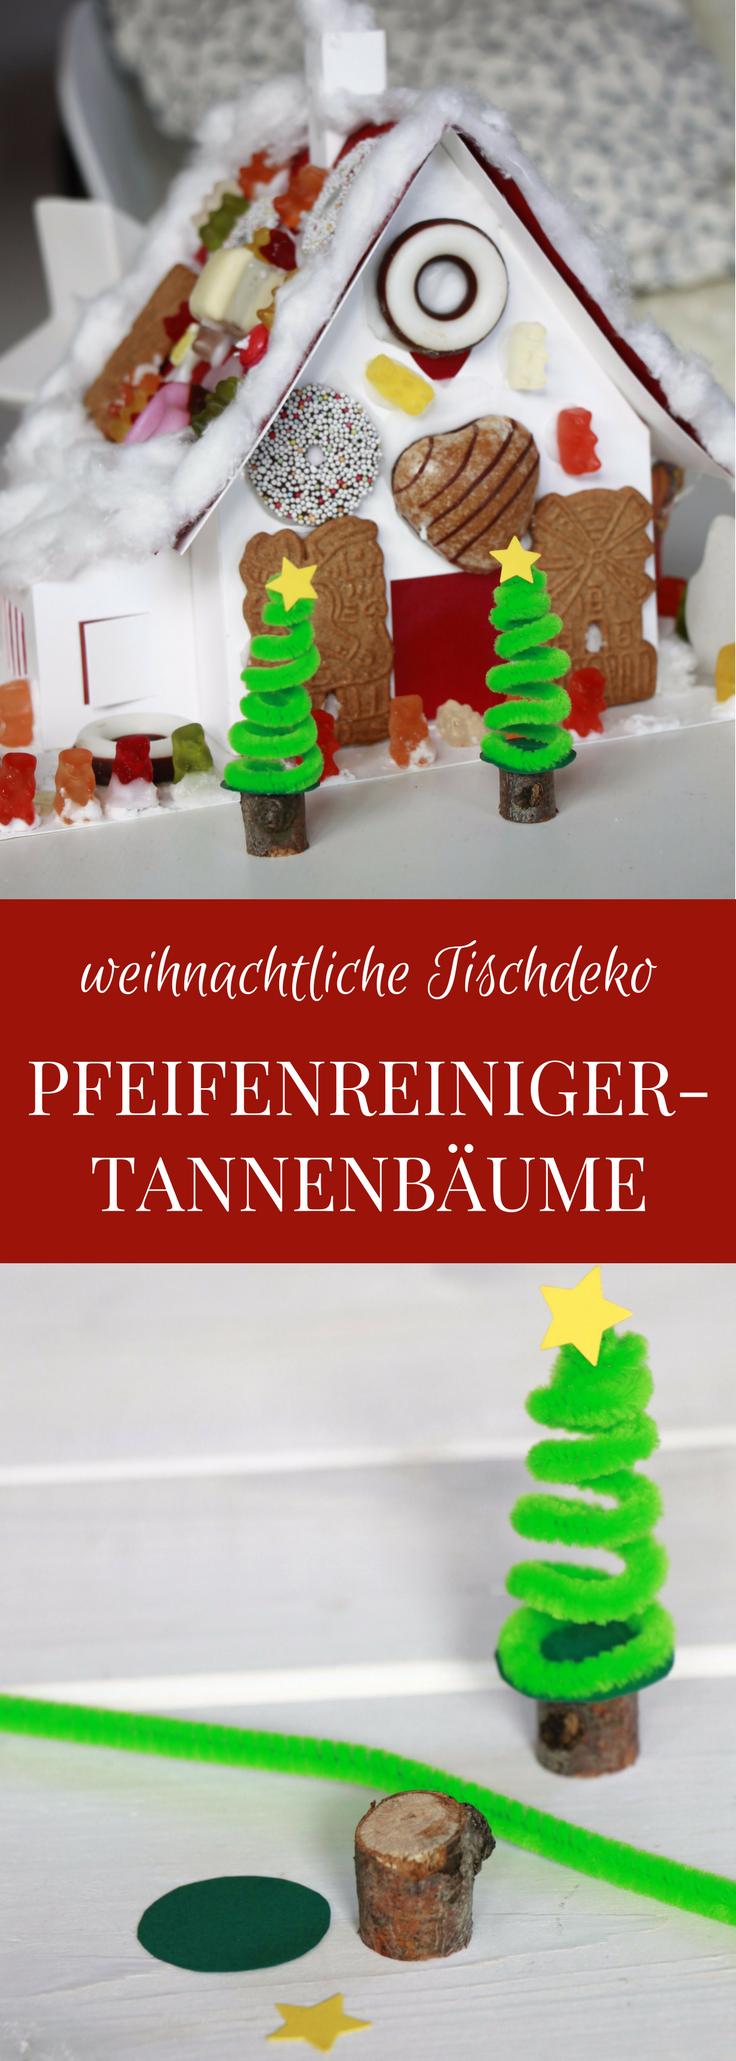 basteln mit pfeifenreinigern pfeifenreiniger tannenbaum als weihnachtliche tischdeko diy. Black Bedroom Furniture Sets. Home Design Ideas